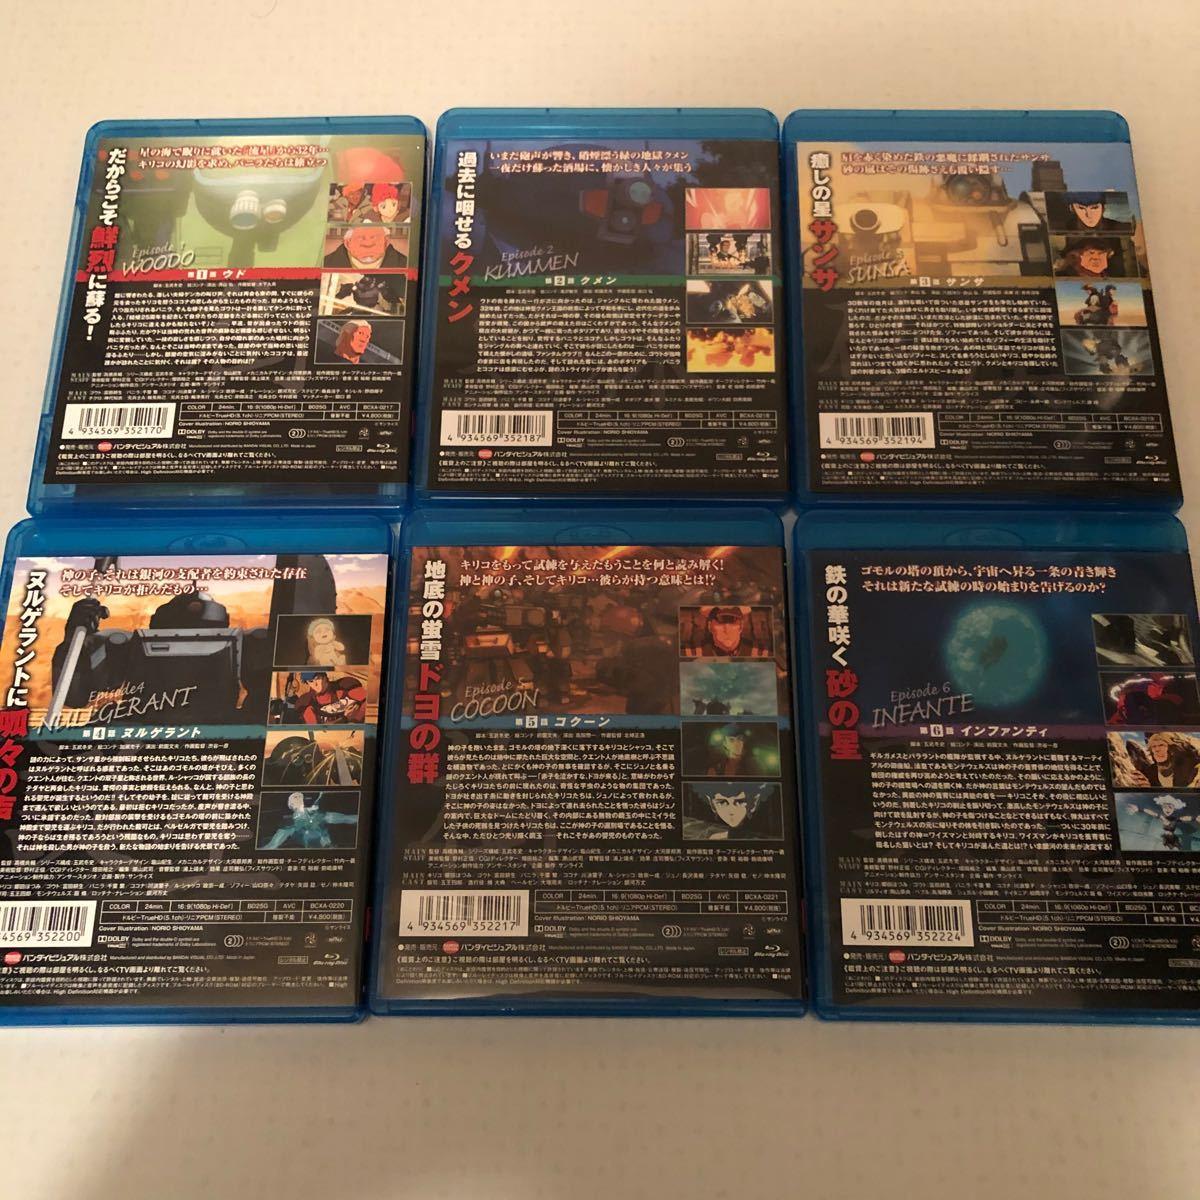 装甲騎兵ボトムズ 幻影篇 blu-ray 全巻セット ブルーレイ